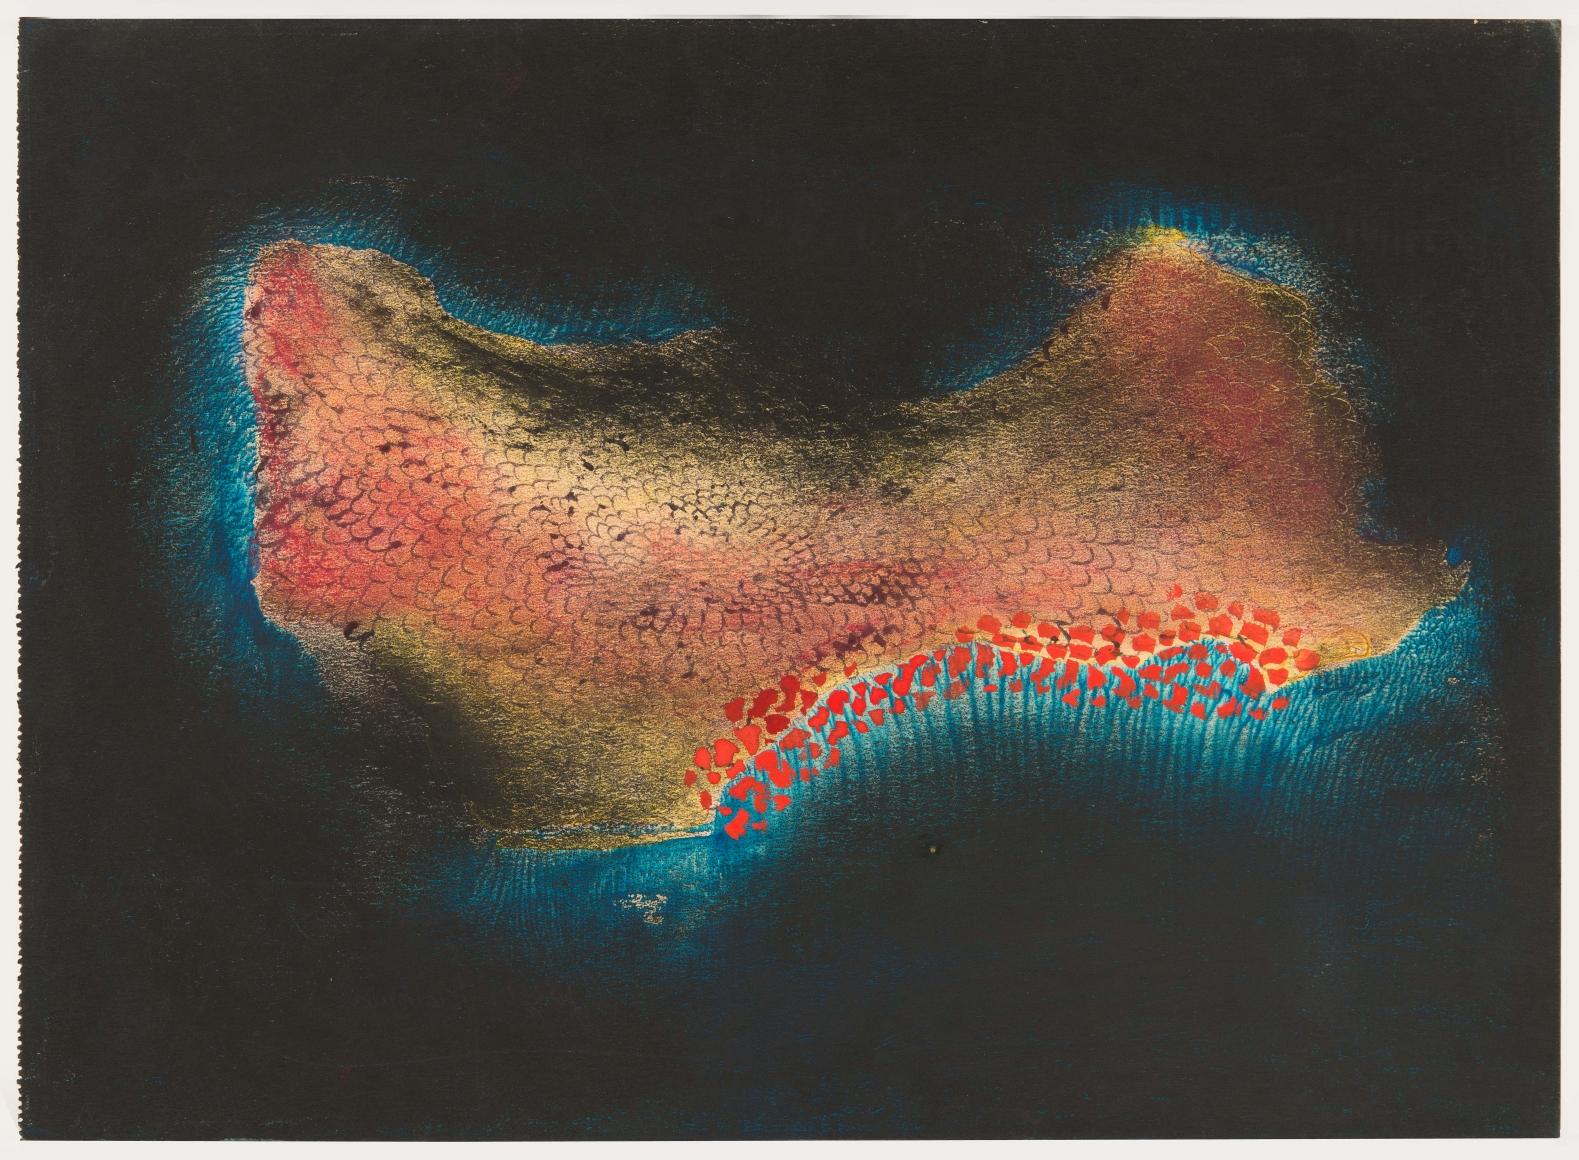 Yayoi Kusama, Island (No. 5), 1953, Gouache on paper, 9 ¾ x 13 ½ in. (24.8 x 34.3 cm)